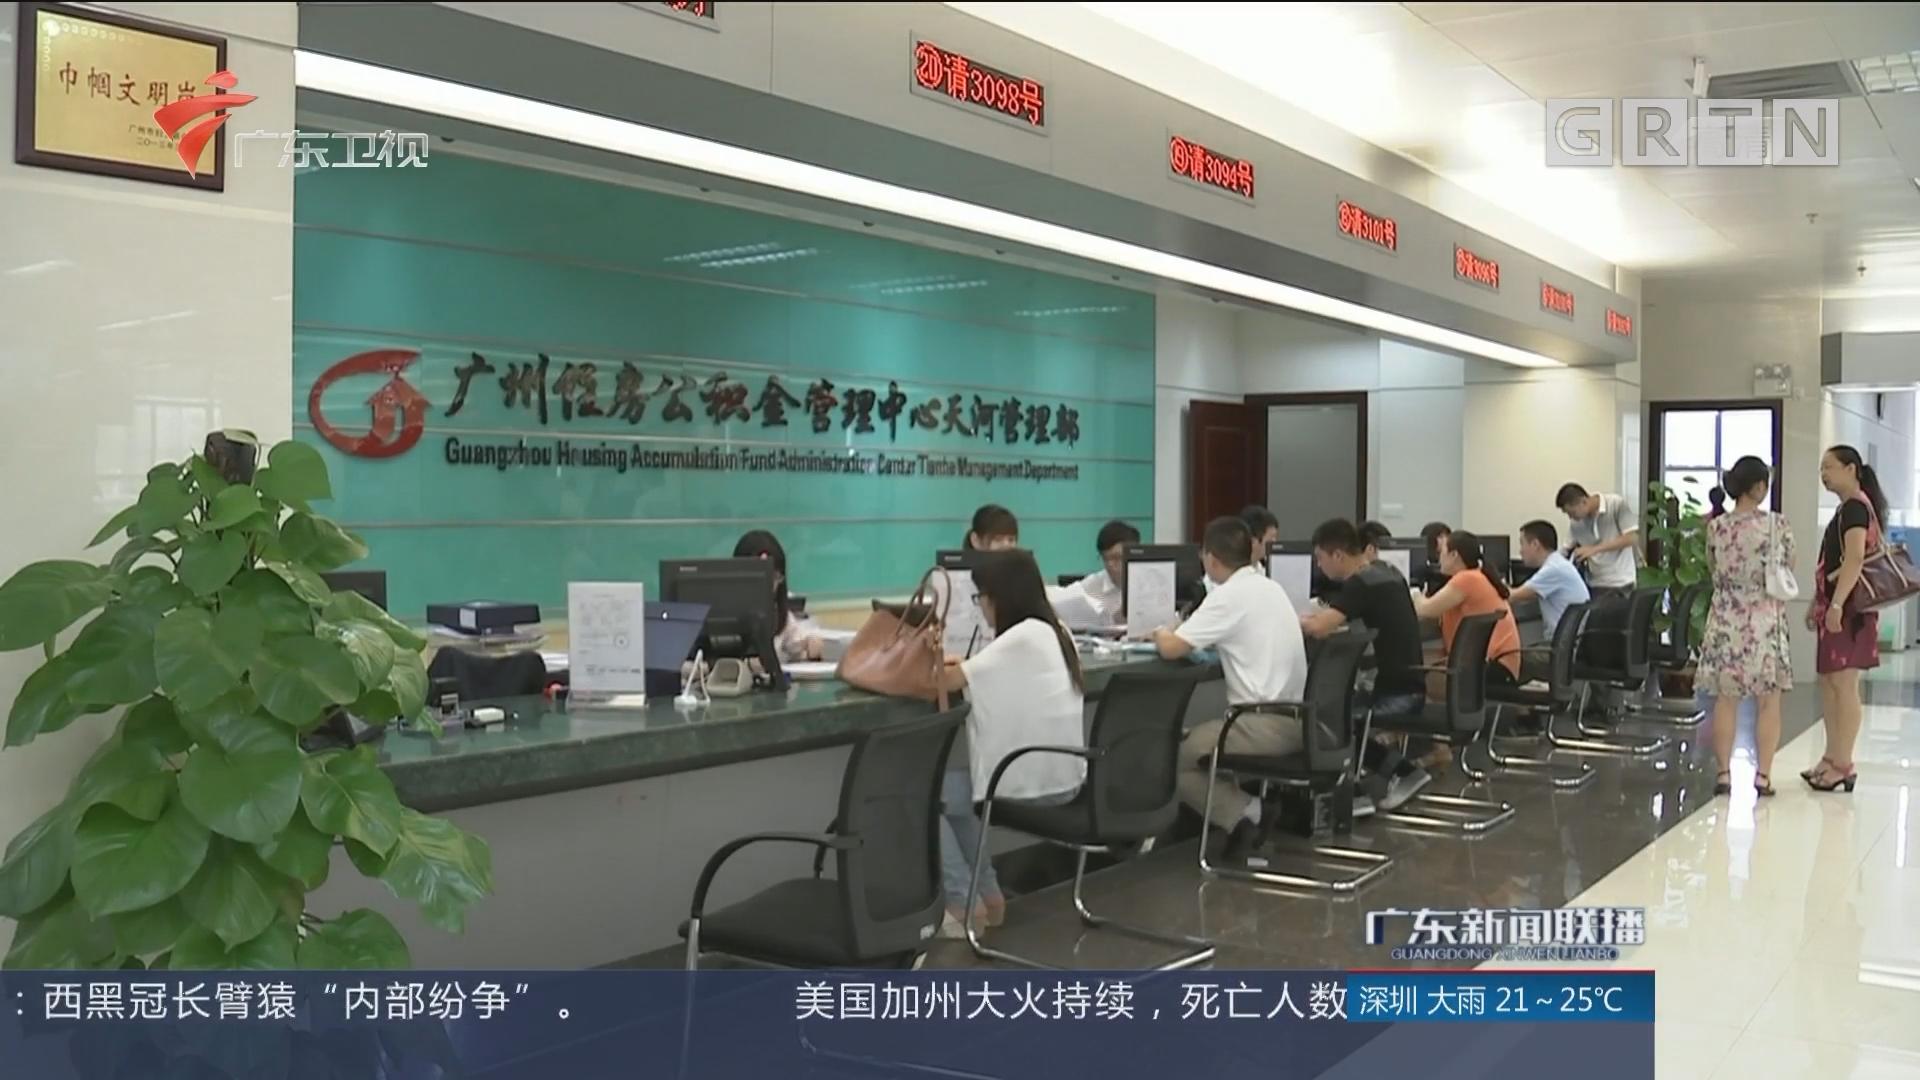 广东下月起允许个人自缴公积金